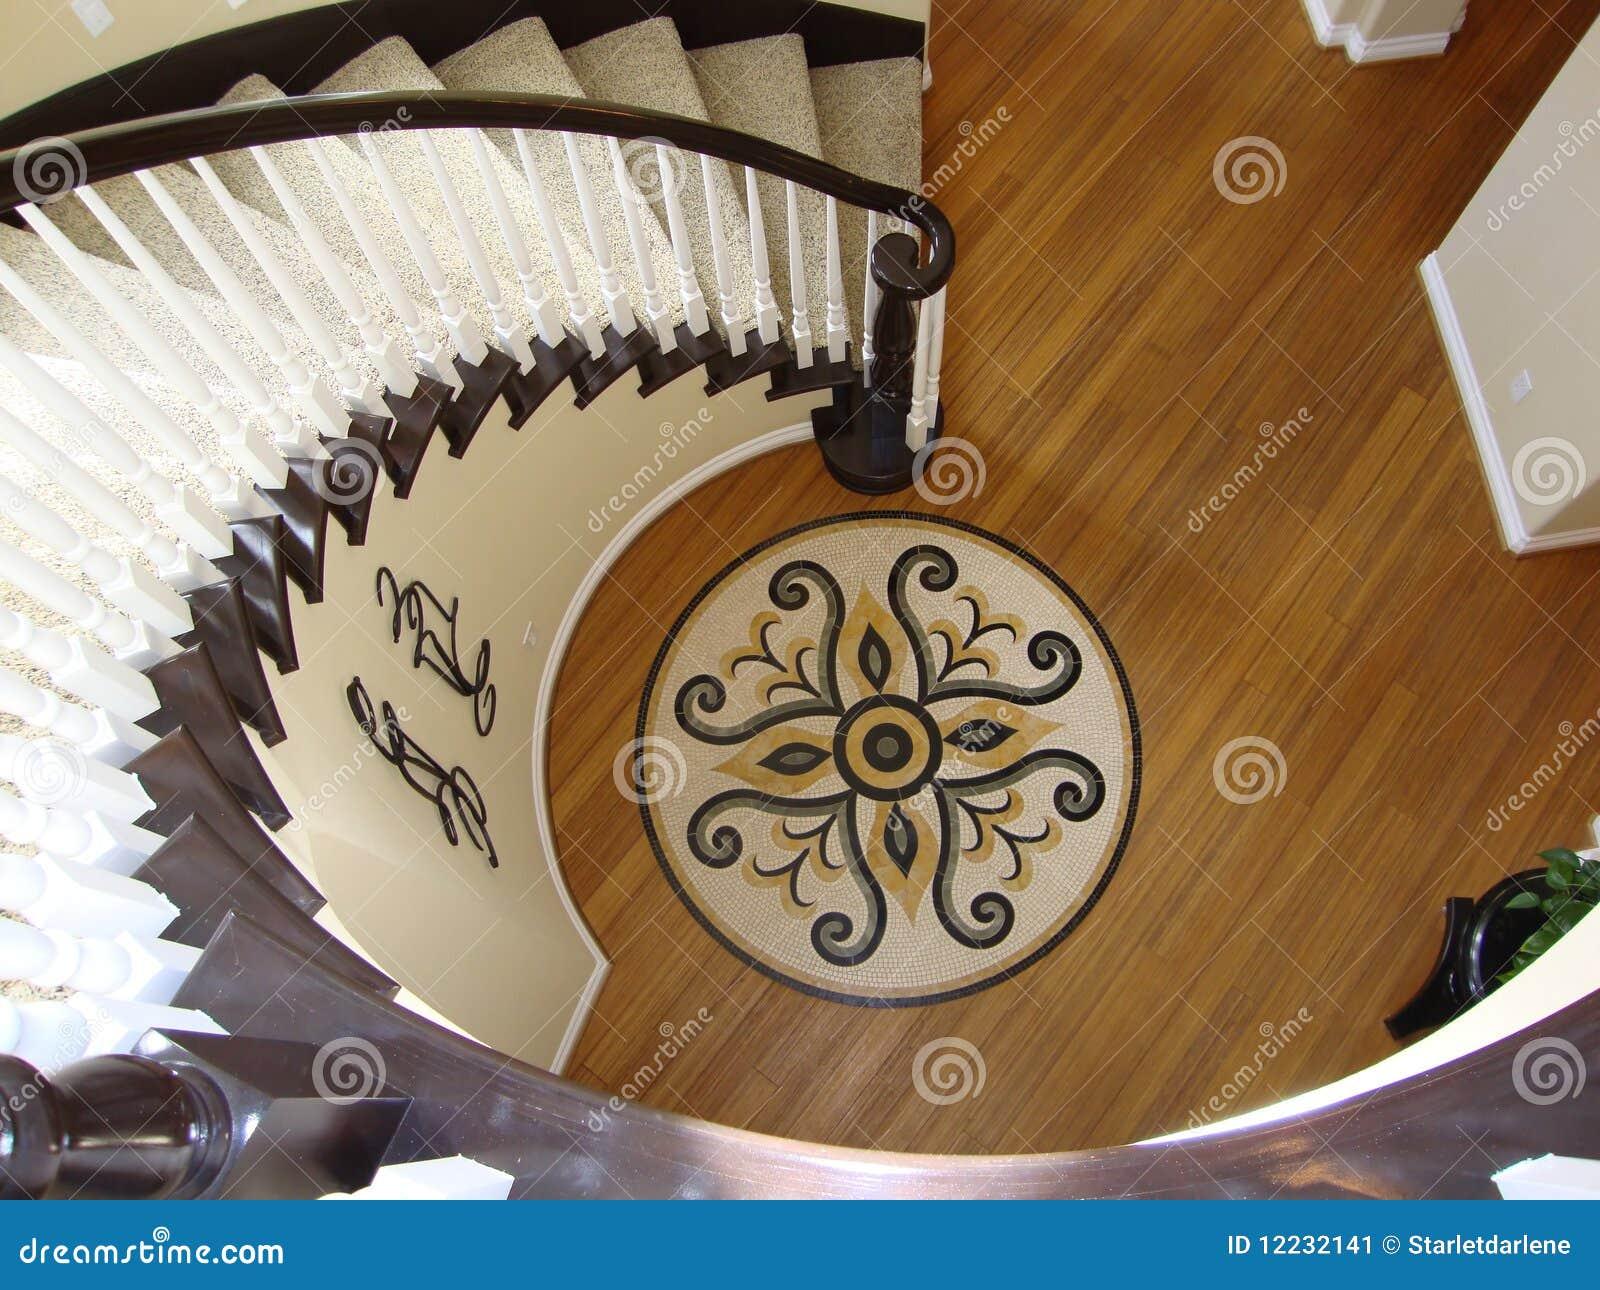 Schones Treppenhaus Mit Mosaik Fussboden Stockbild Bild Von